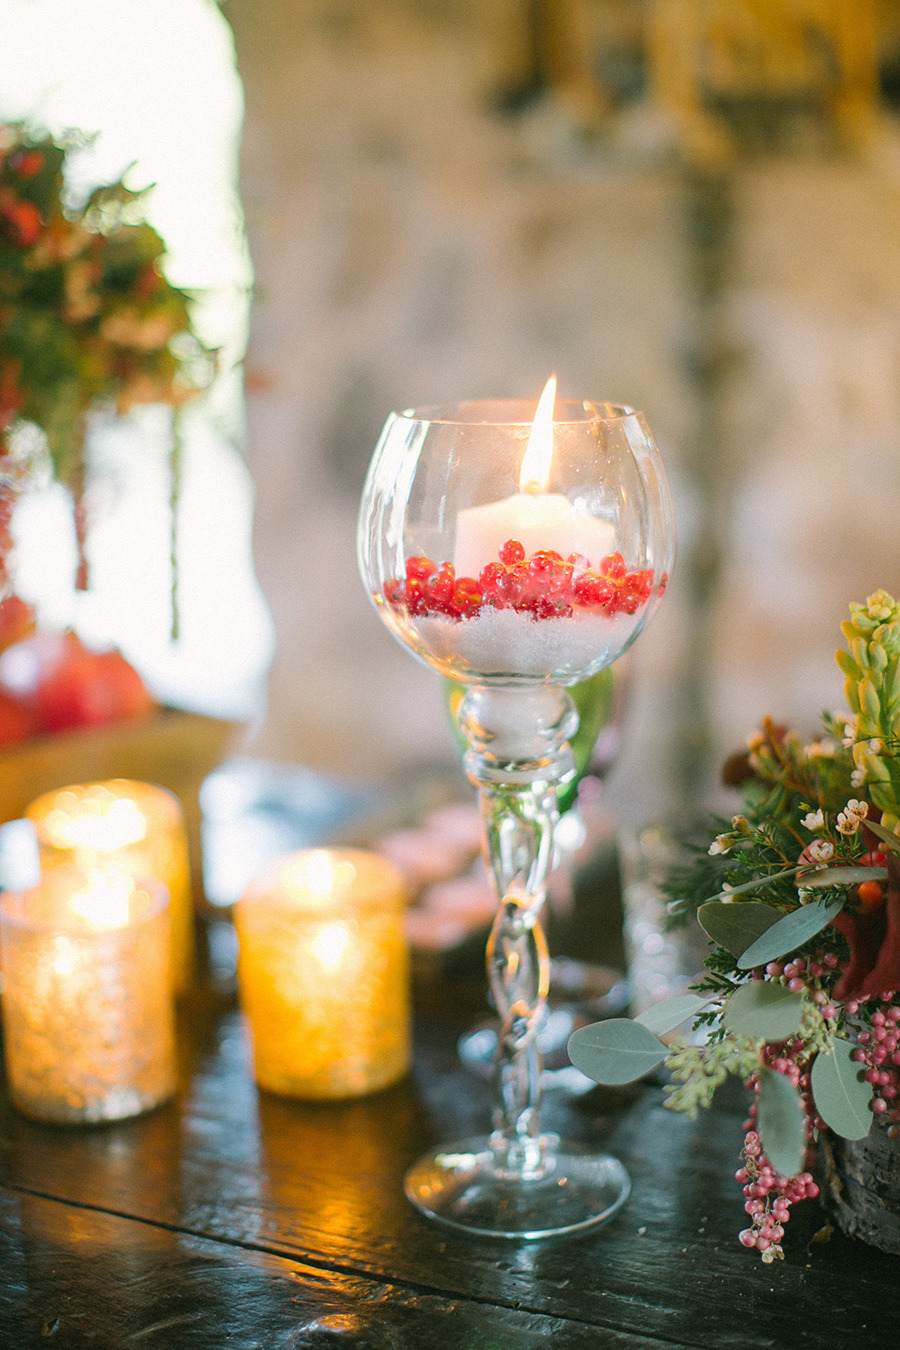 winter wedding decor - Boho Chic Wedding Inspiration Shoot from Anna Roussos Photography - annaroussos.com | Read more : http://www.fabmood.com/boho-chic-wedding-inspiration-shoot-anna-roussos-photography